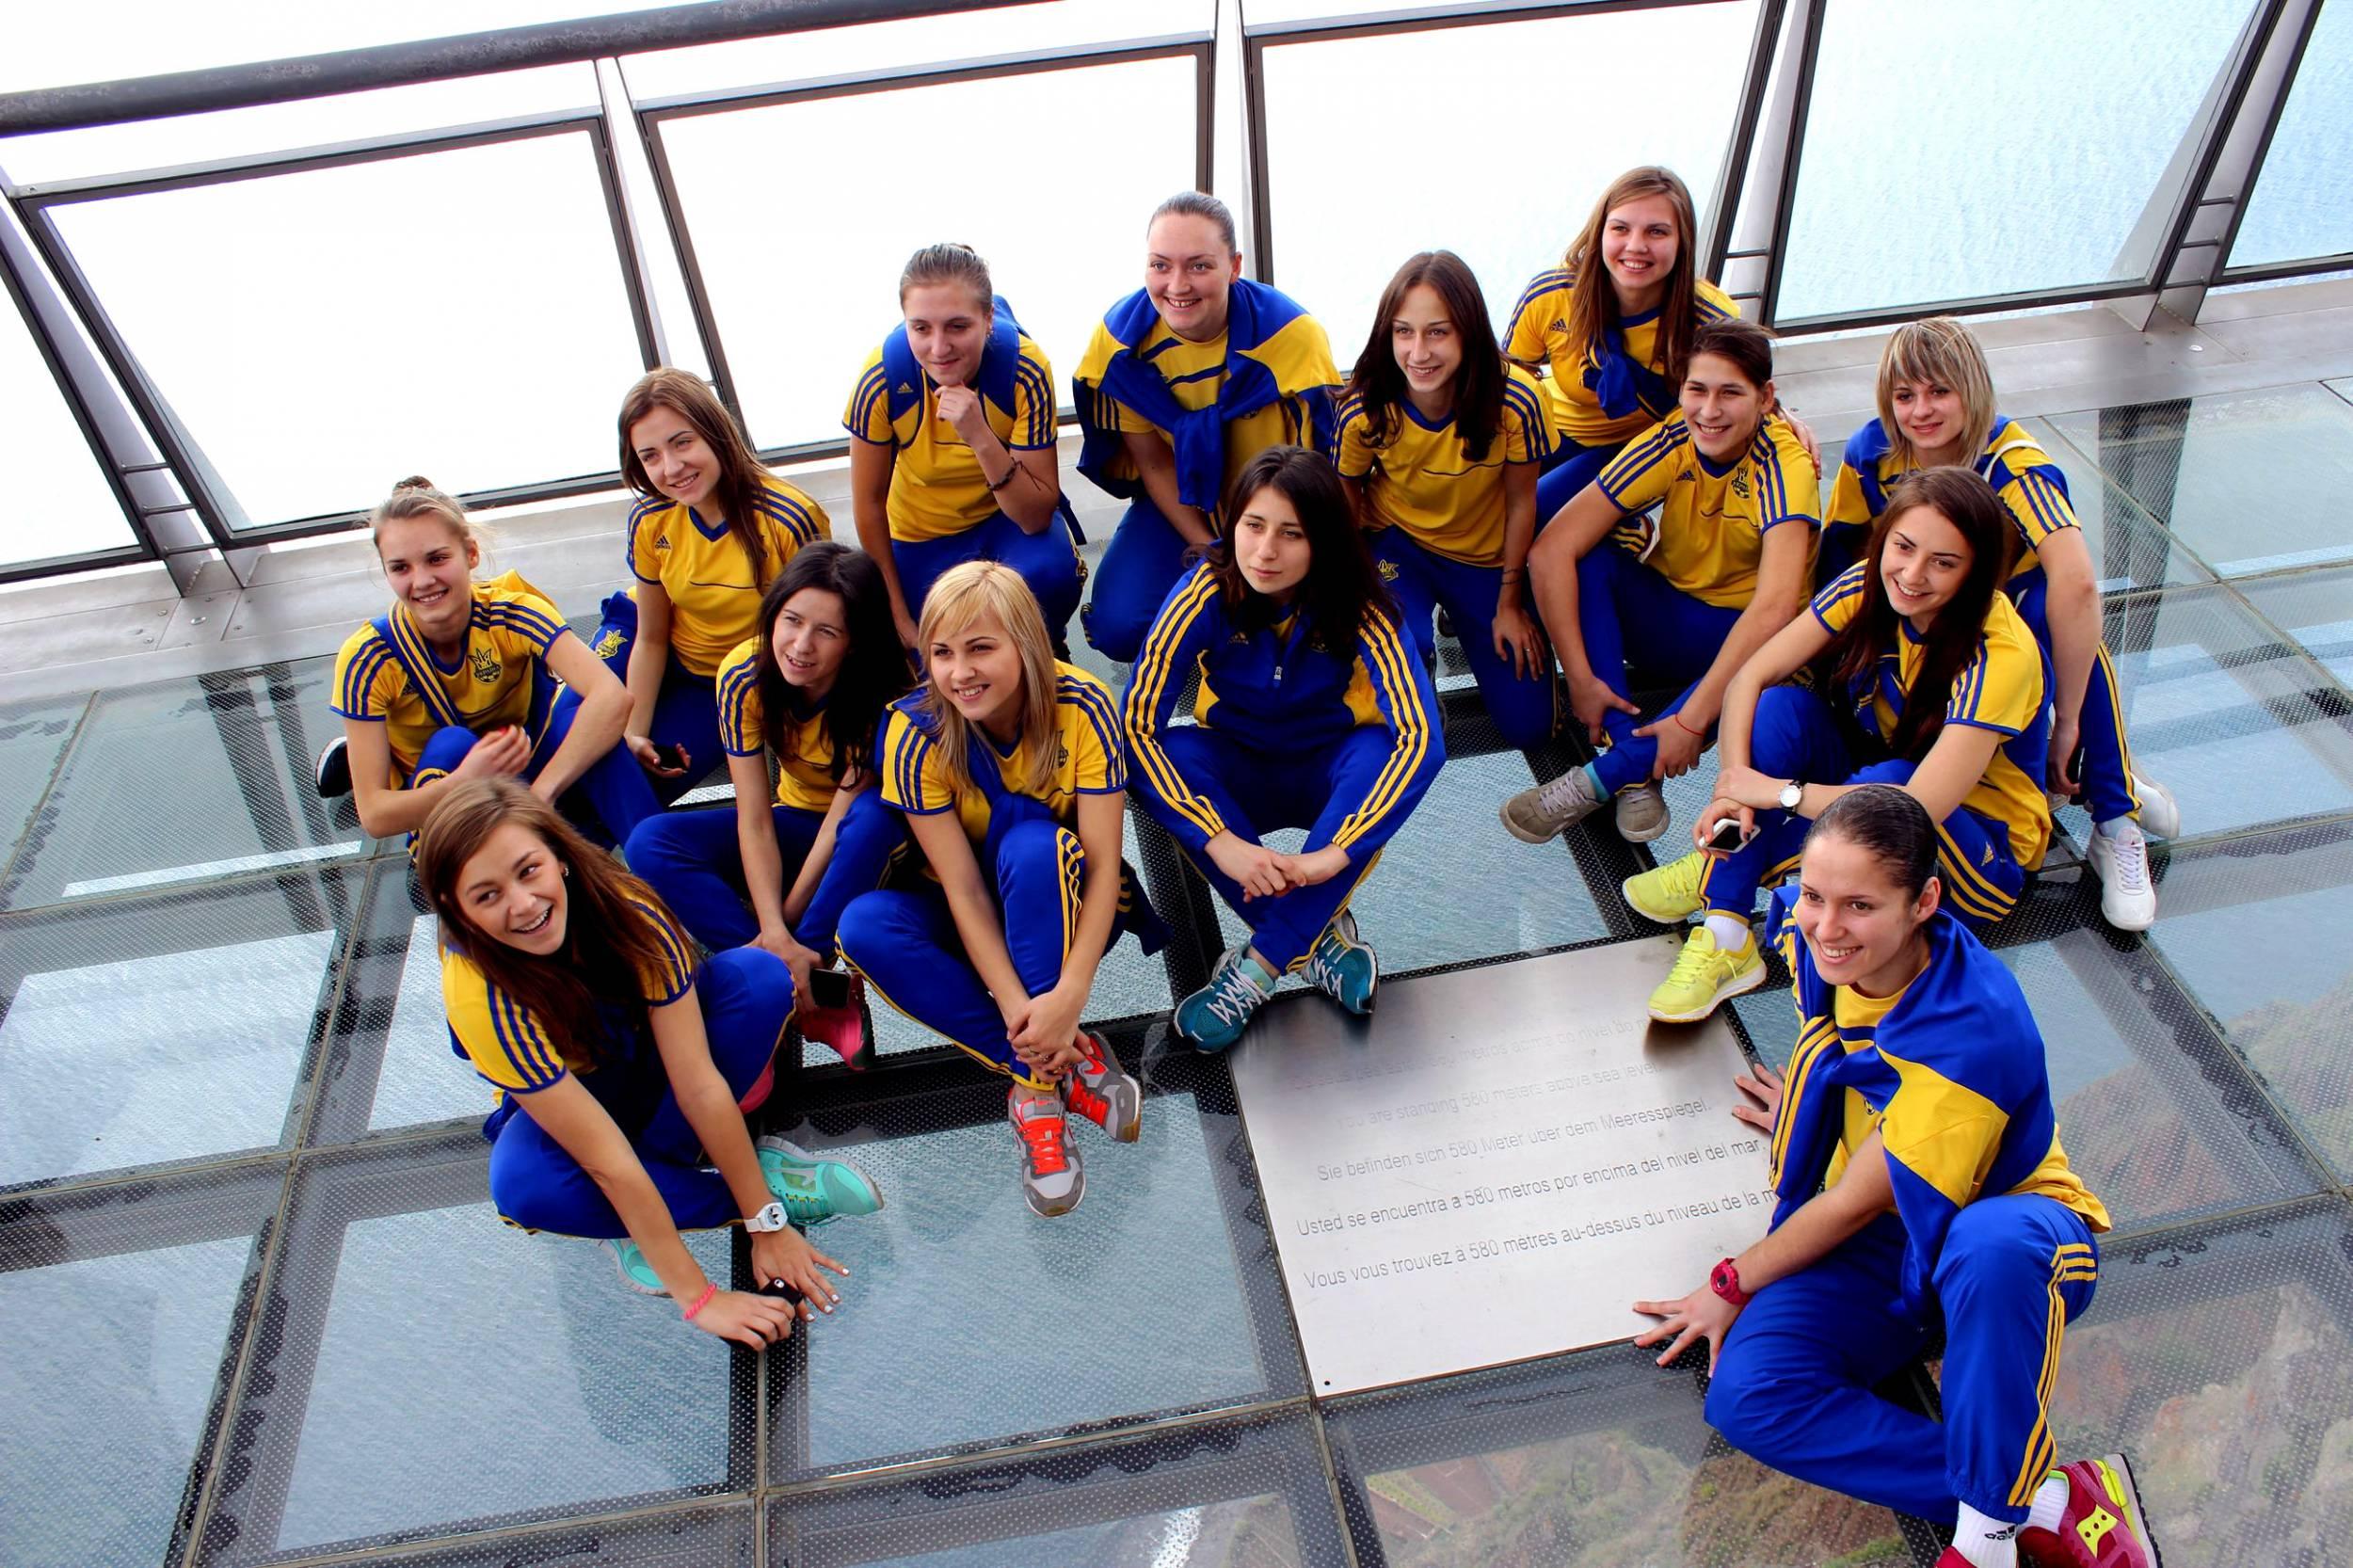 женская сборная футзал, Португалія, збірна, women's team Ukraine, ФФУ, АФУ, україна, жіноча збірна футзал, Futsal fem, futsal, Moritimo, Funchal, womenfutsal